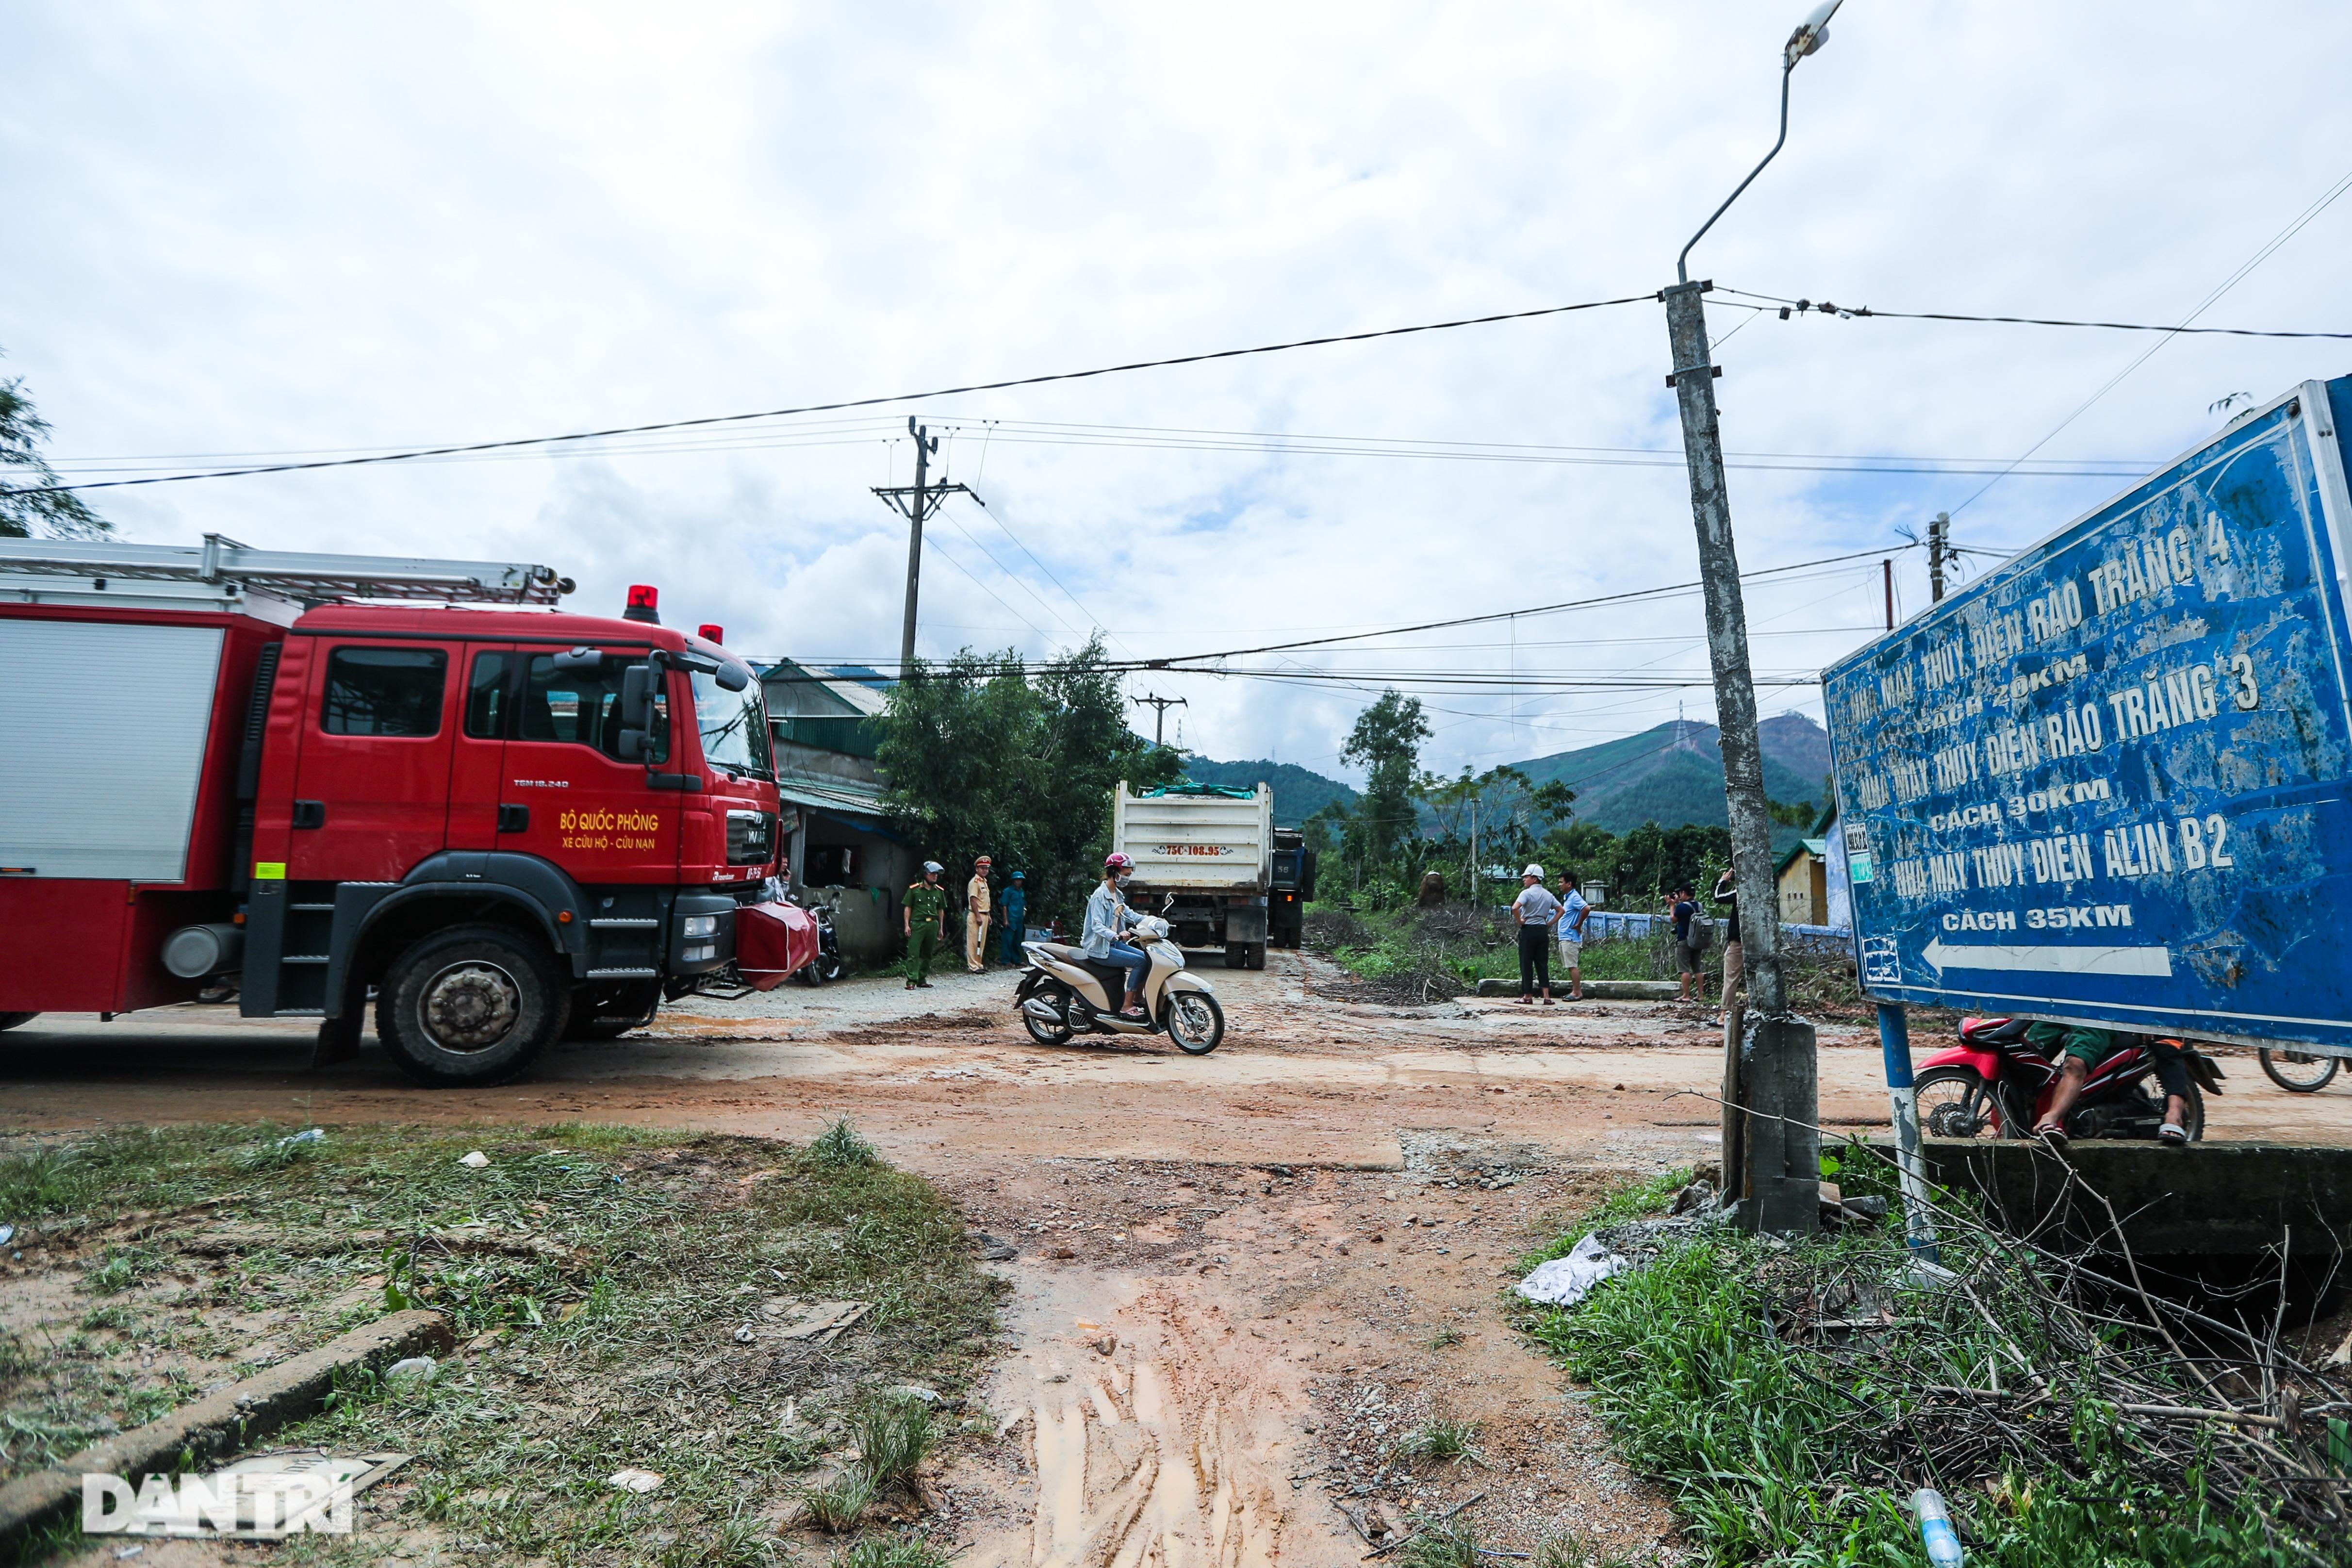 Người dân tự nguyện nấu hàng trăm suất cơm tiếp tế đội cứu hộ Rào Trăng 3 - 1